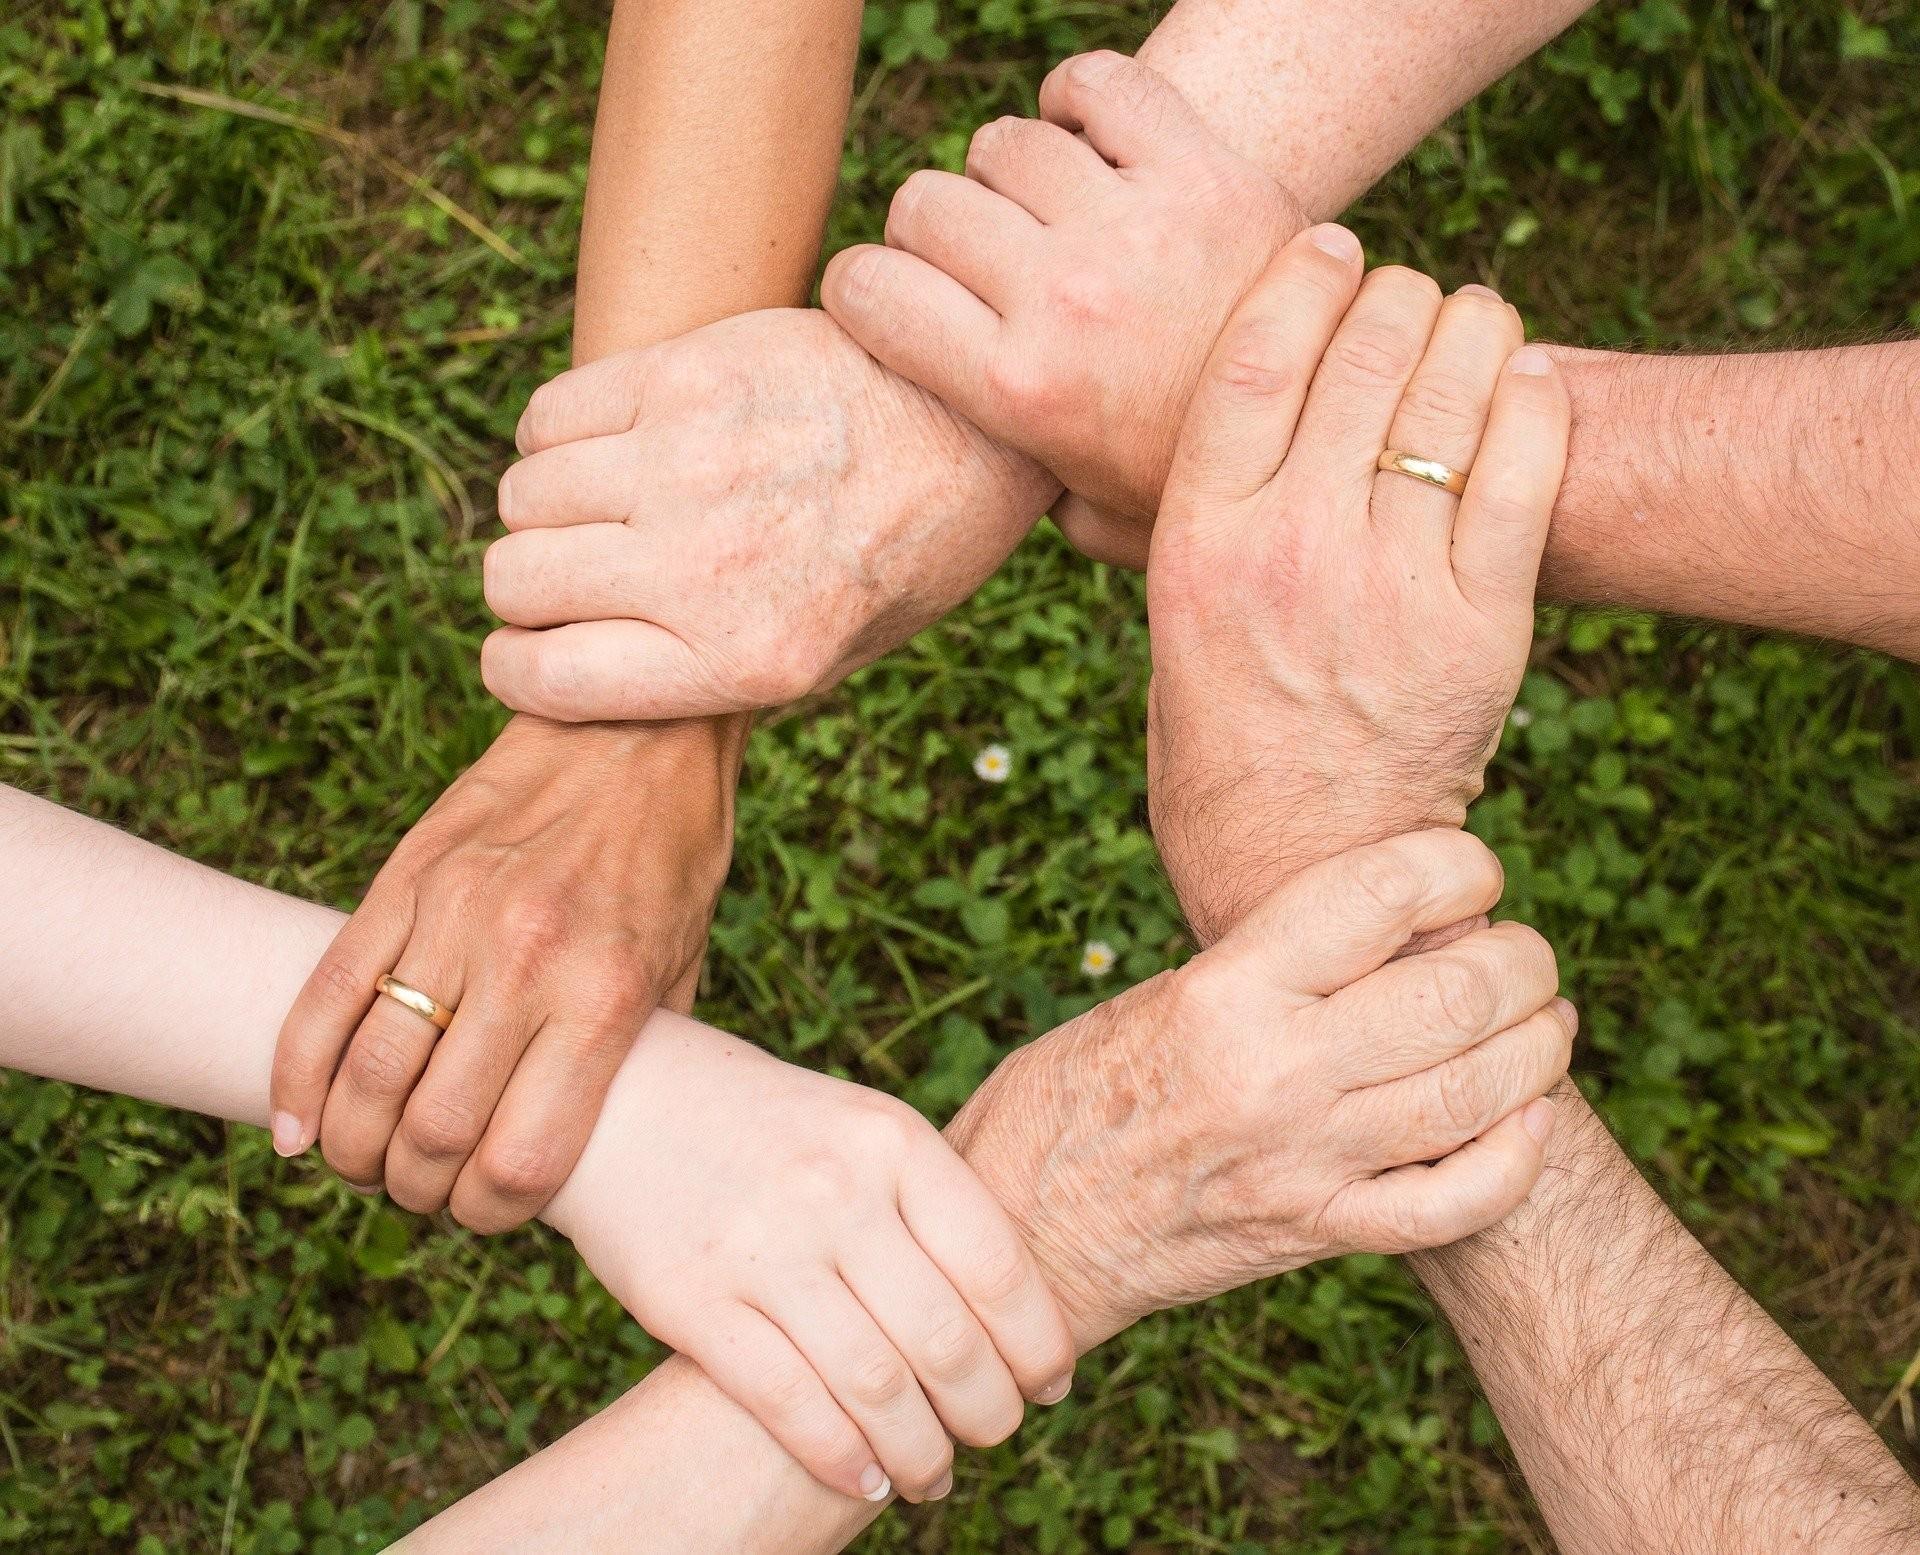 Dia Mundial do Parkinson: Veja mensagem especial para data